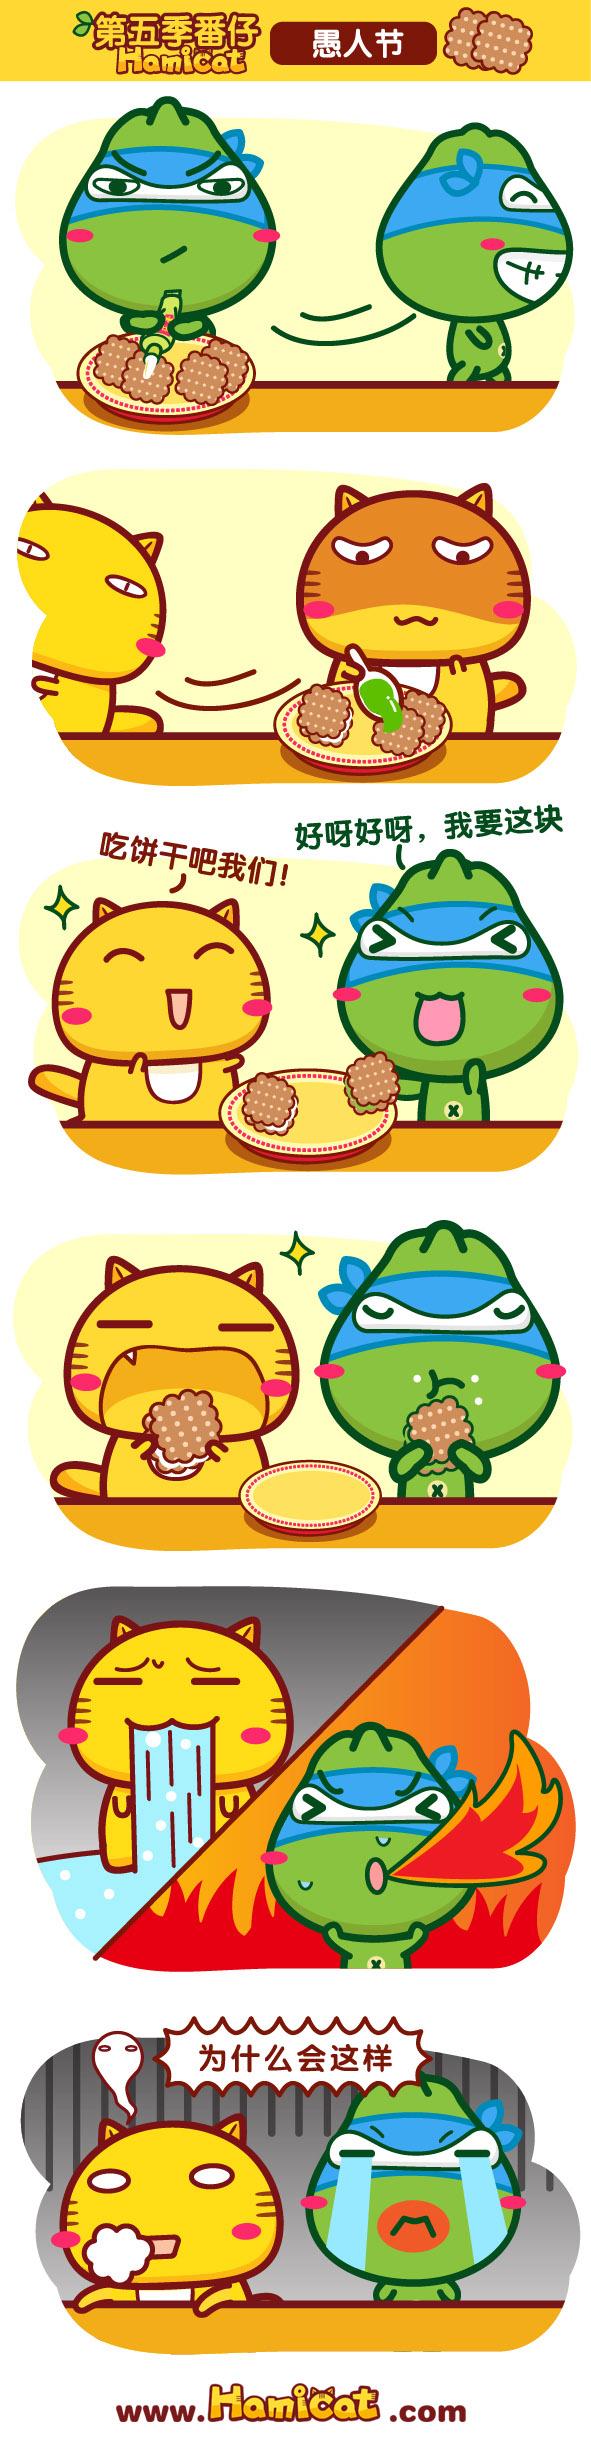 健力宝x哈咪猫漫画4月-02.jpg